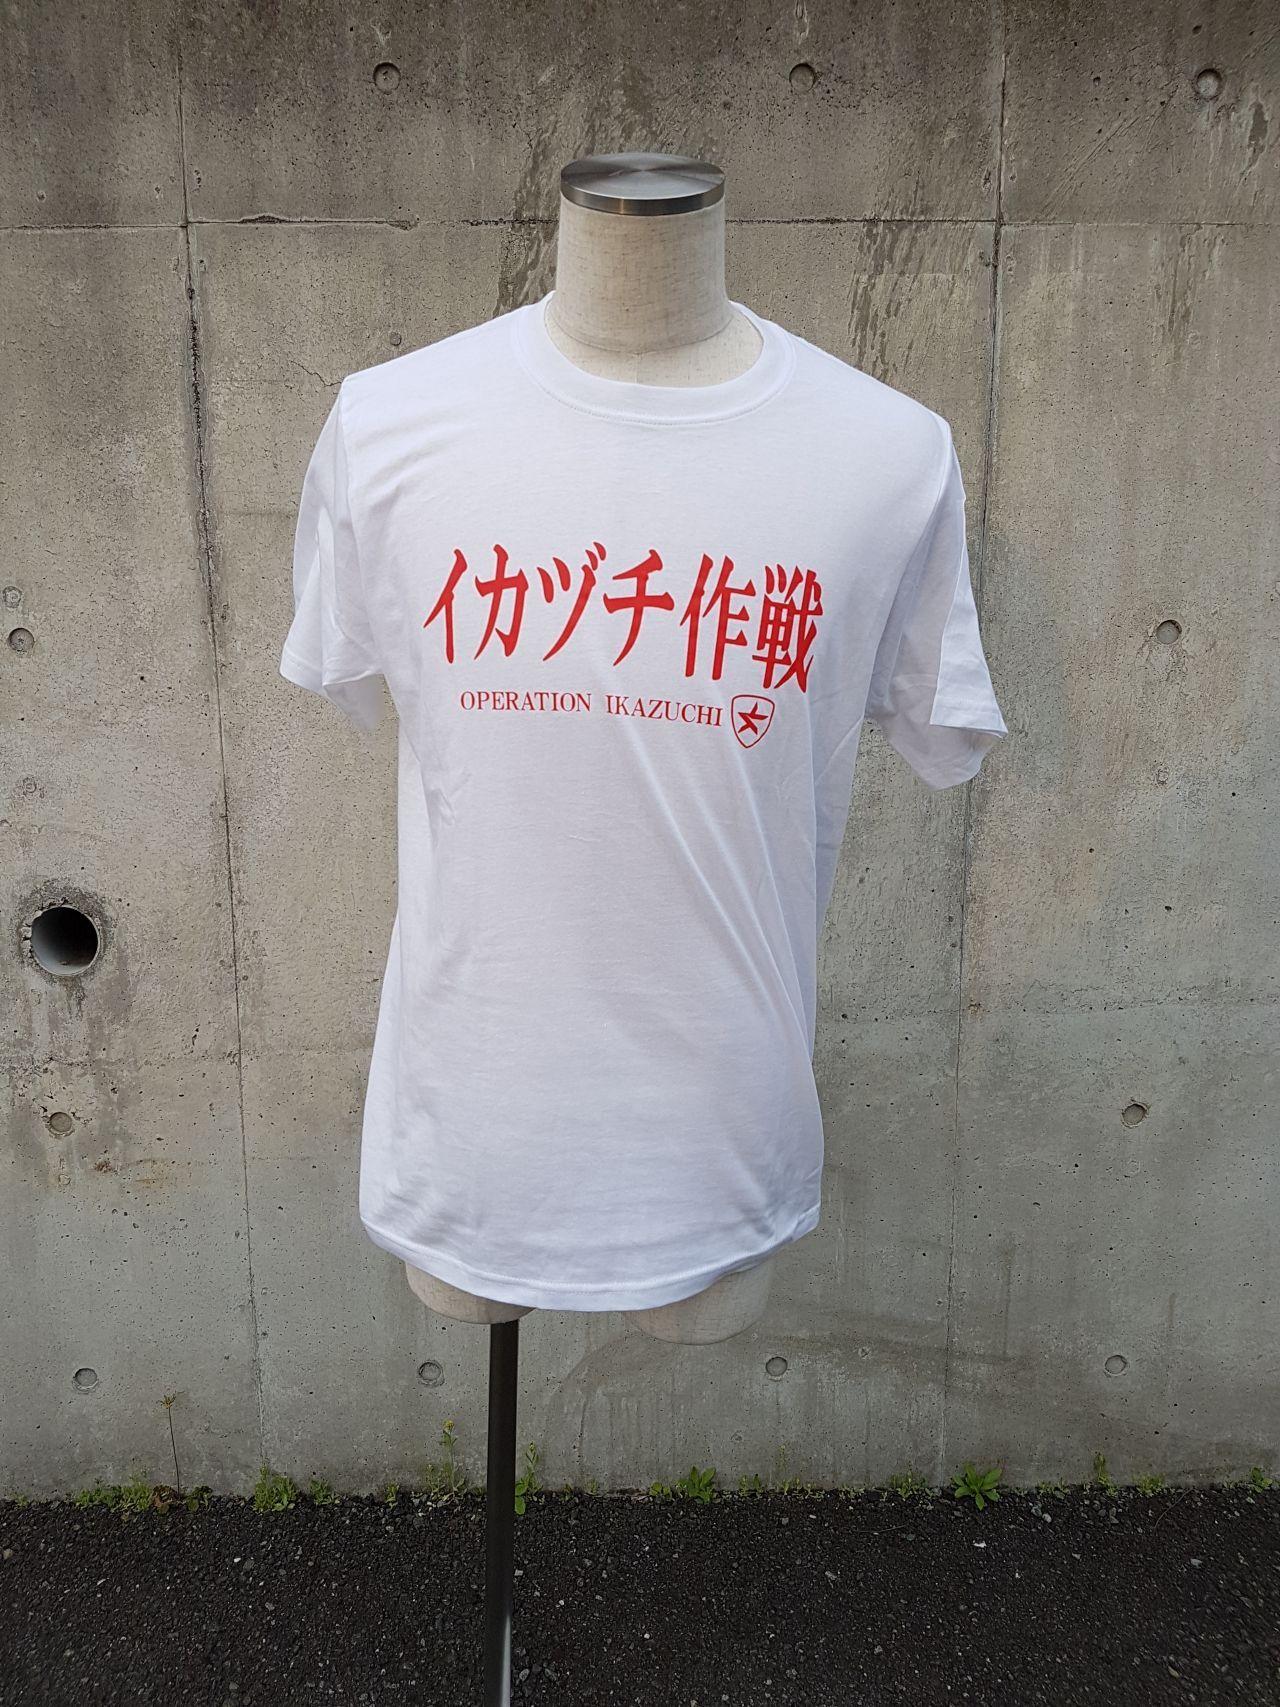 【IKAZUCHI作戰】Ikatsuchi作戰 簡約型T恤(白) - 「Webike-摩托百貨」